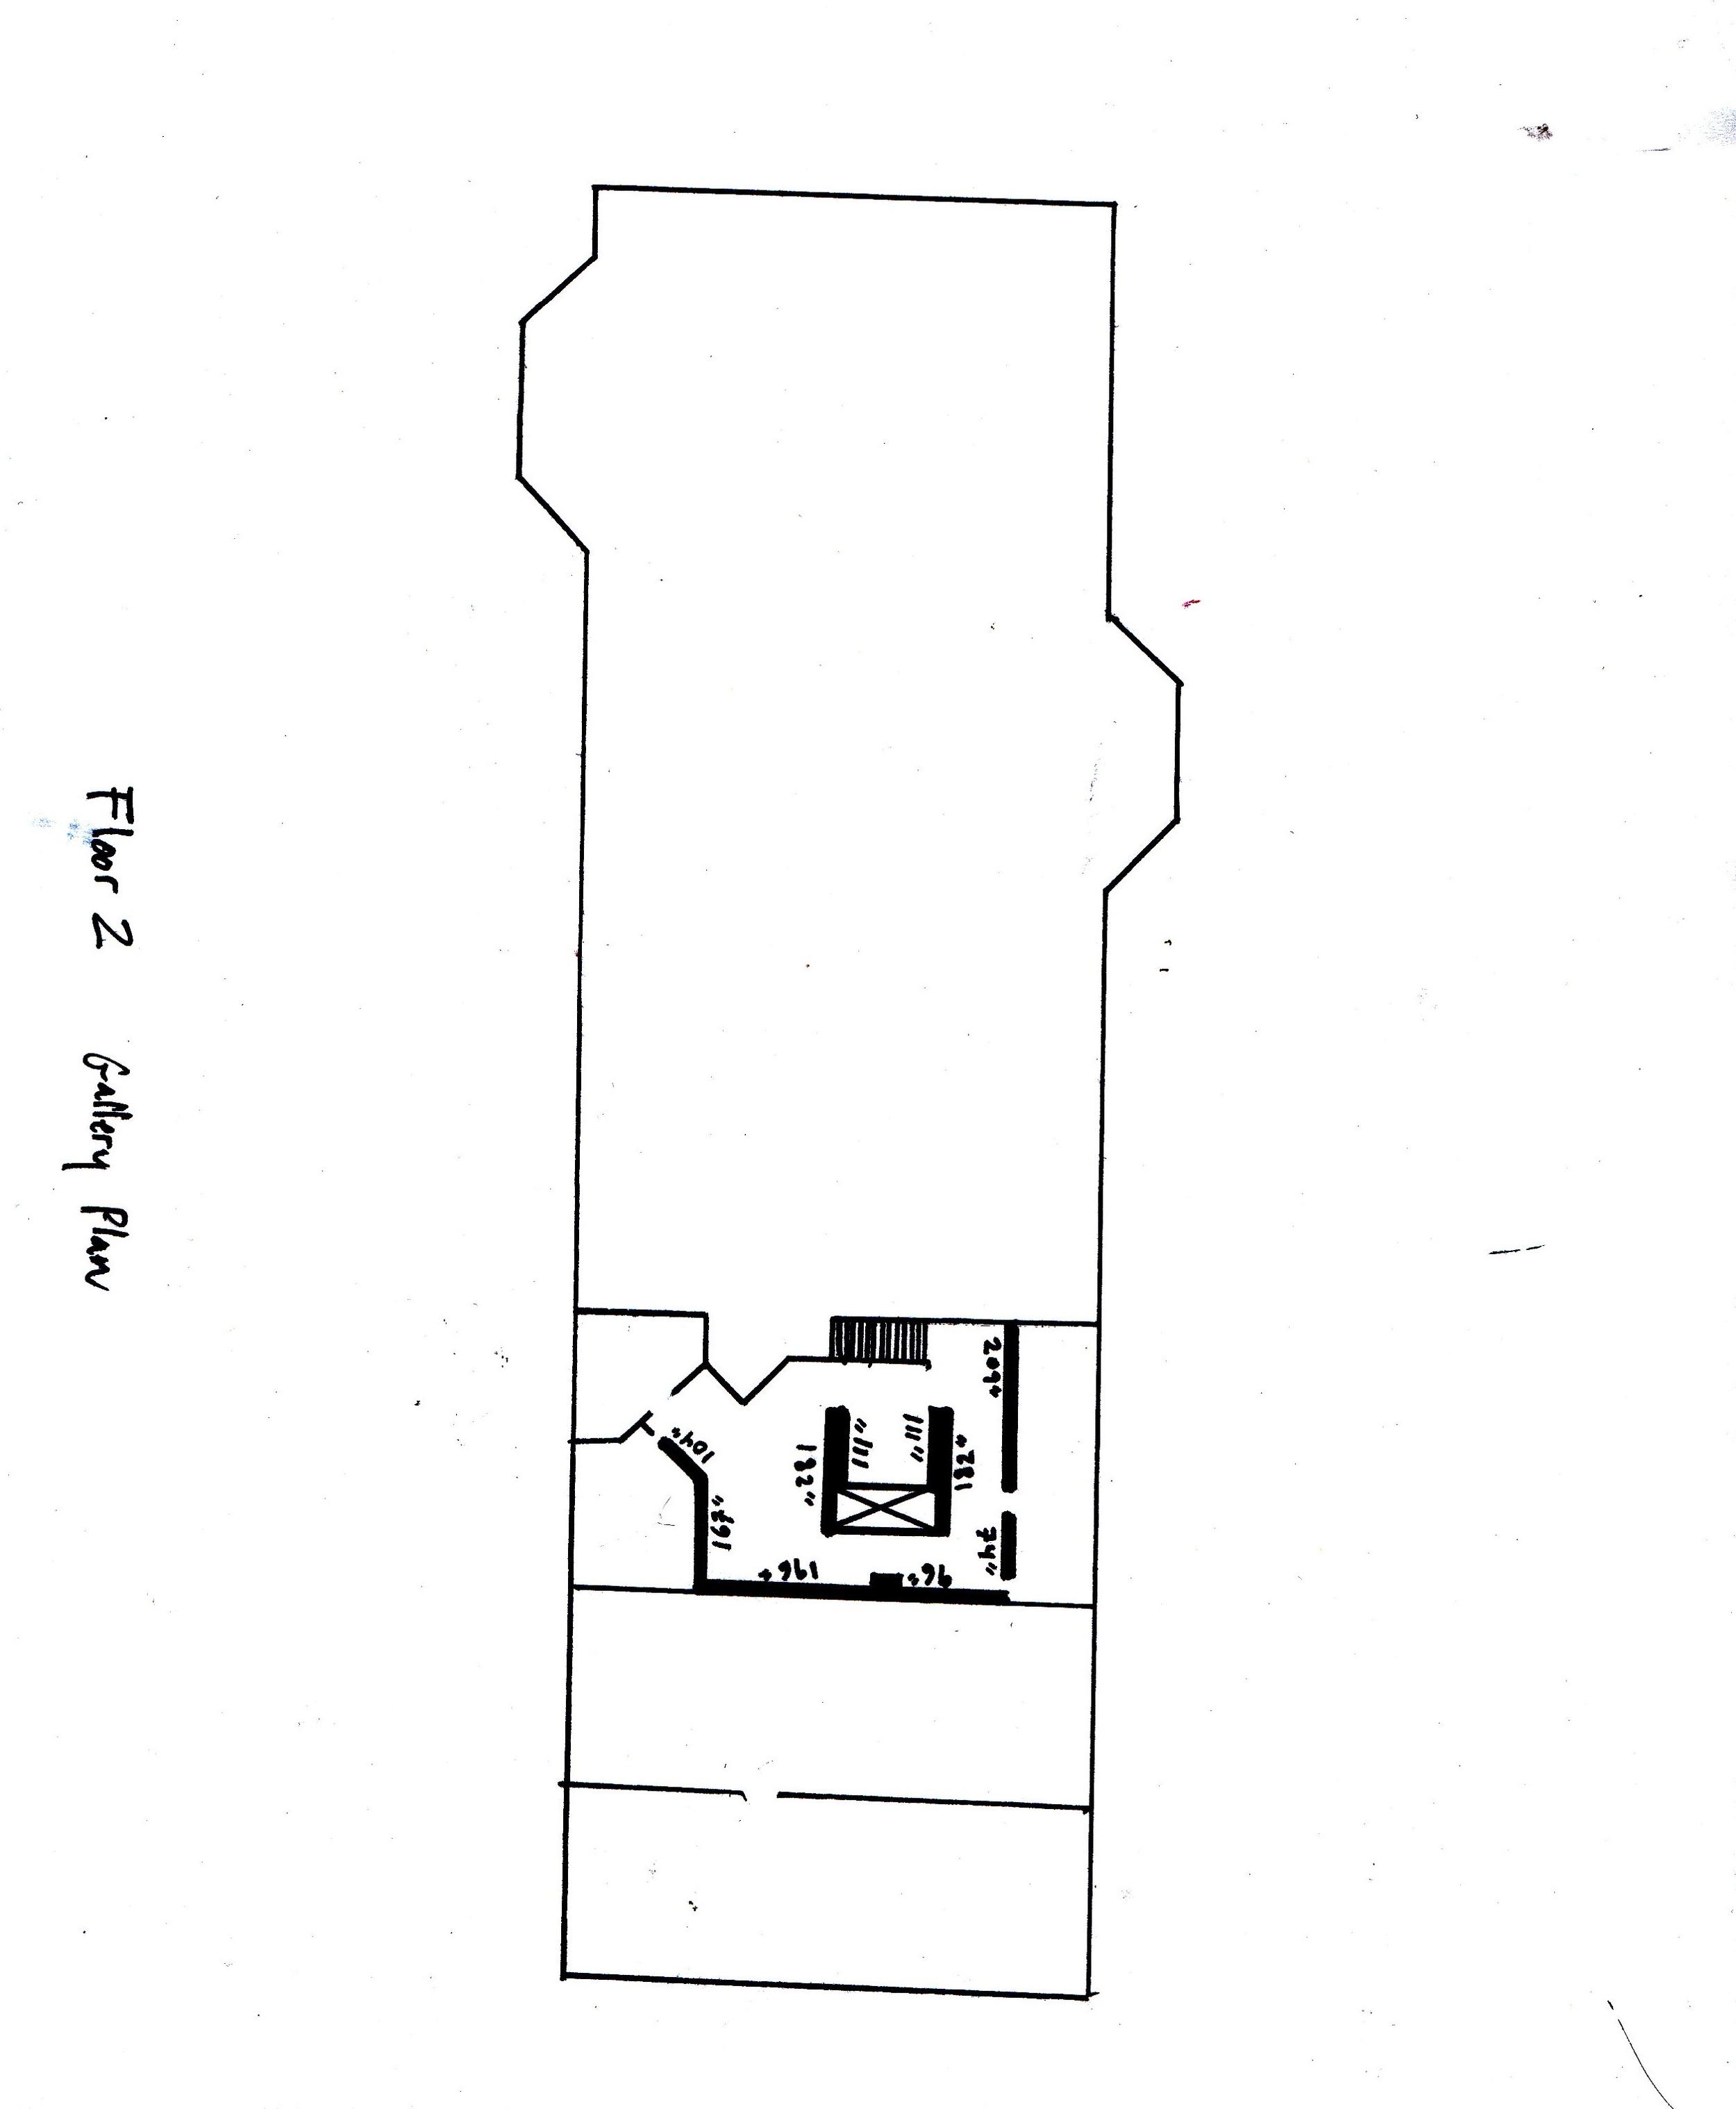 Media Center Floor Plan.jpg